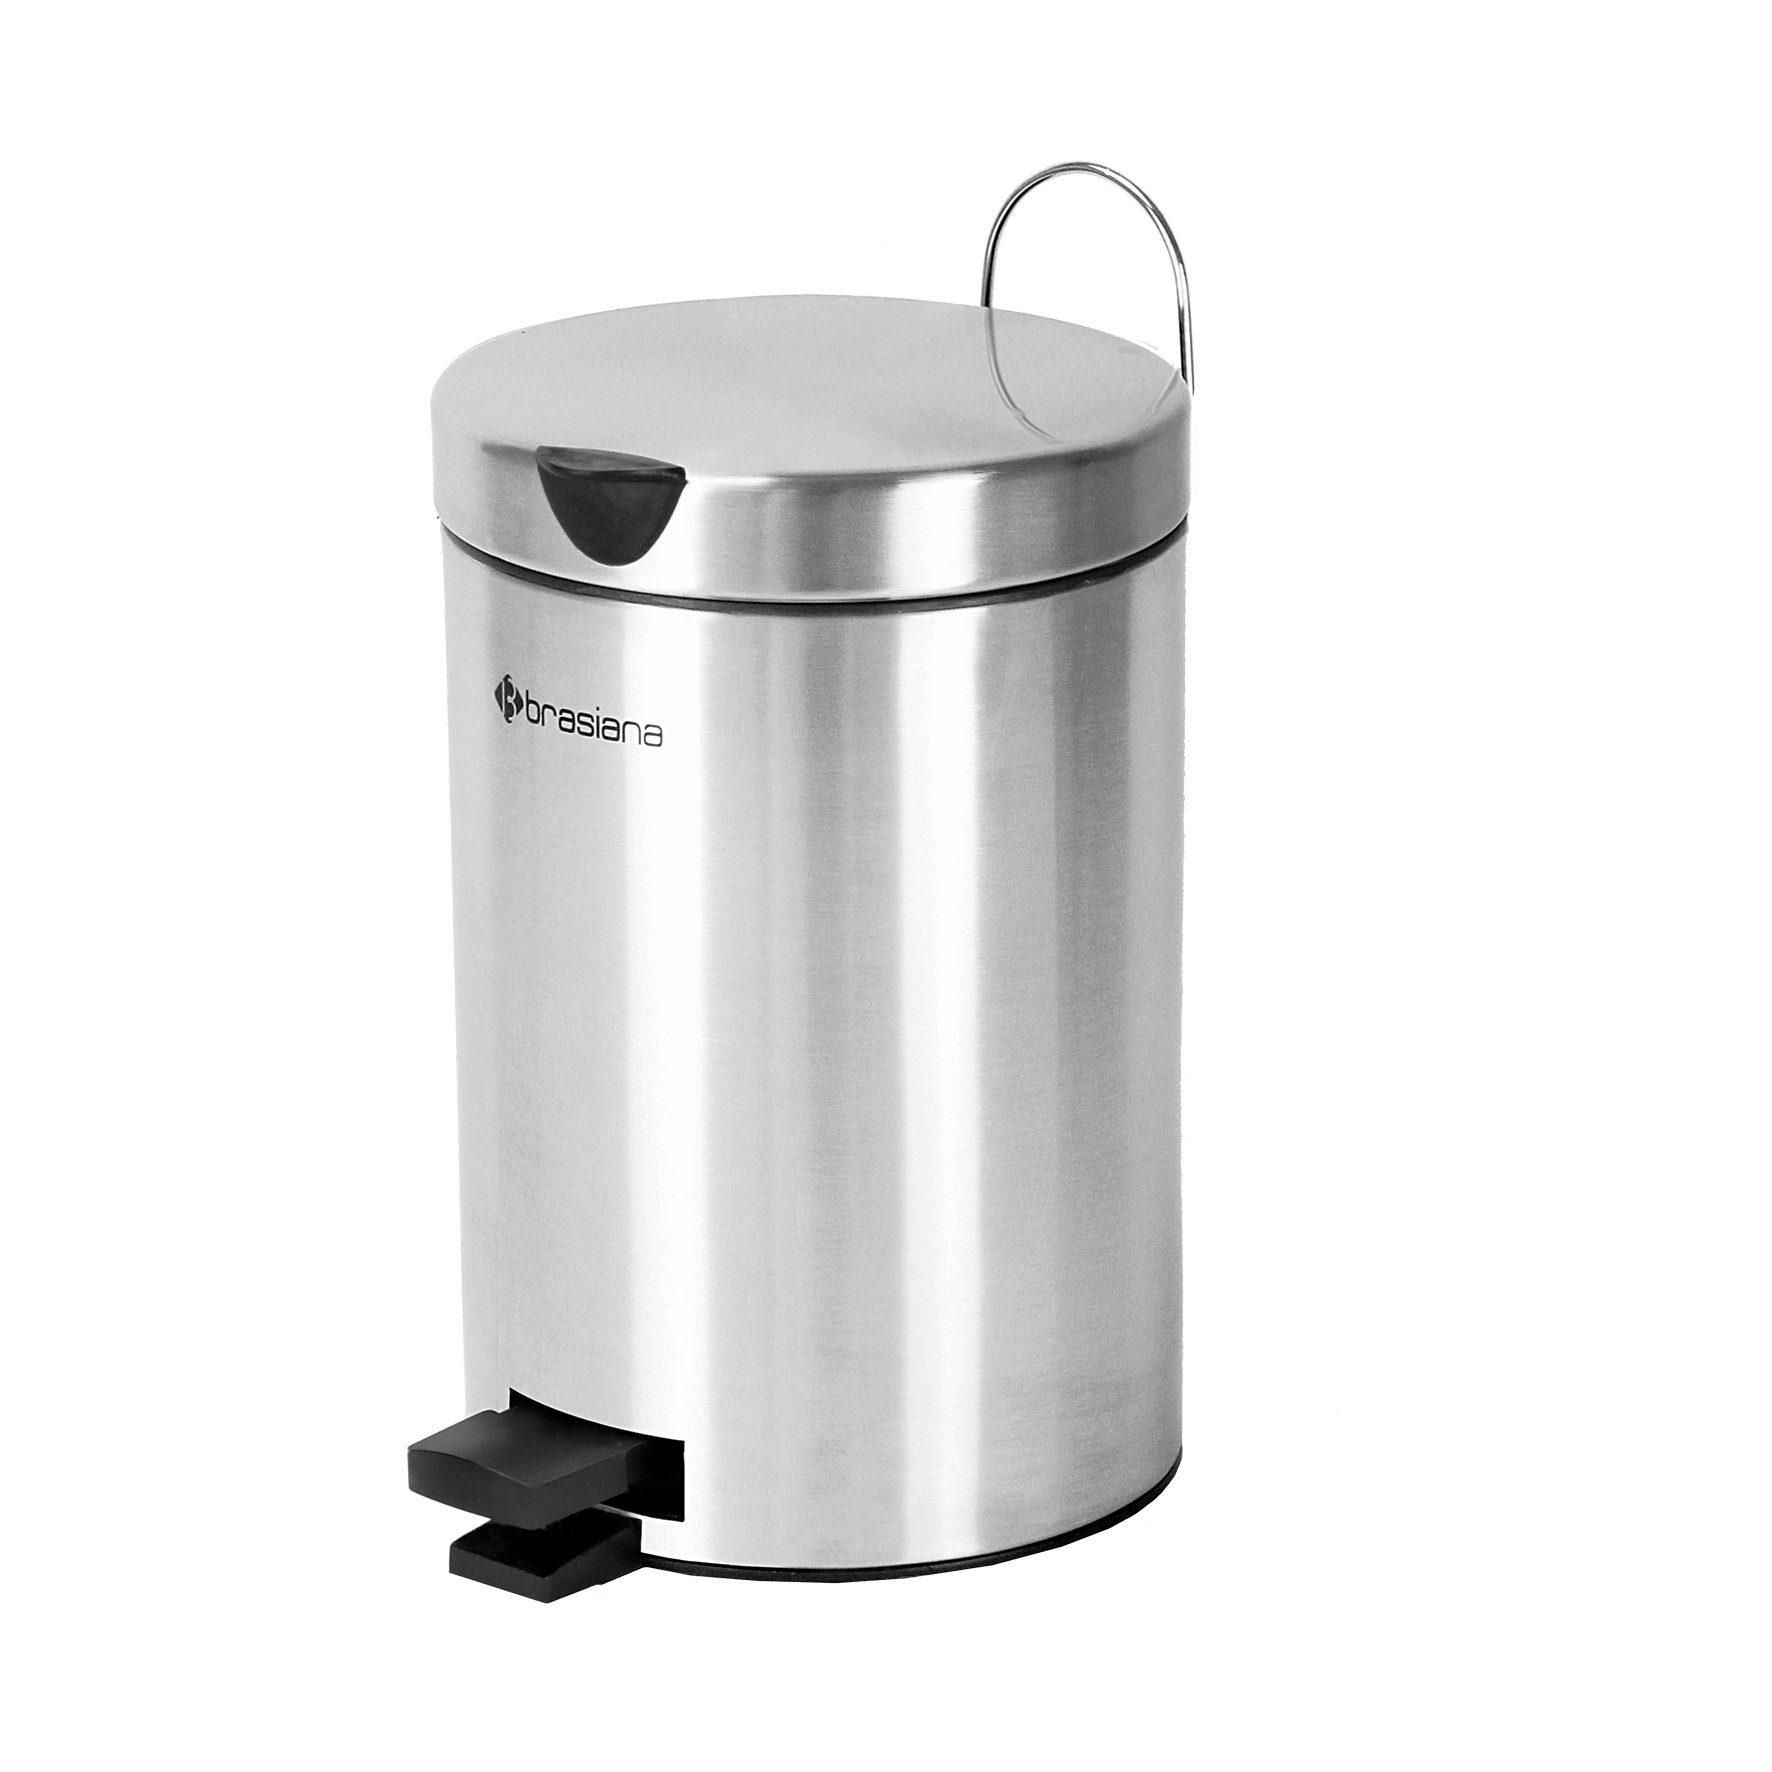 سطل زباله پدالی 3 لیتری Brasiana با درب آرام بند